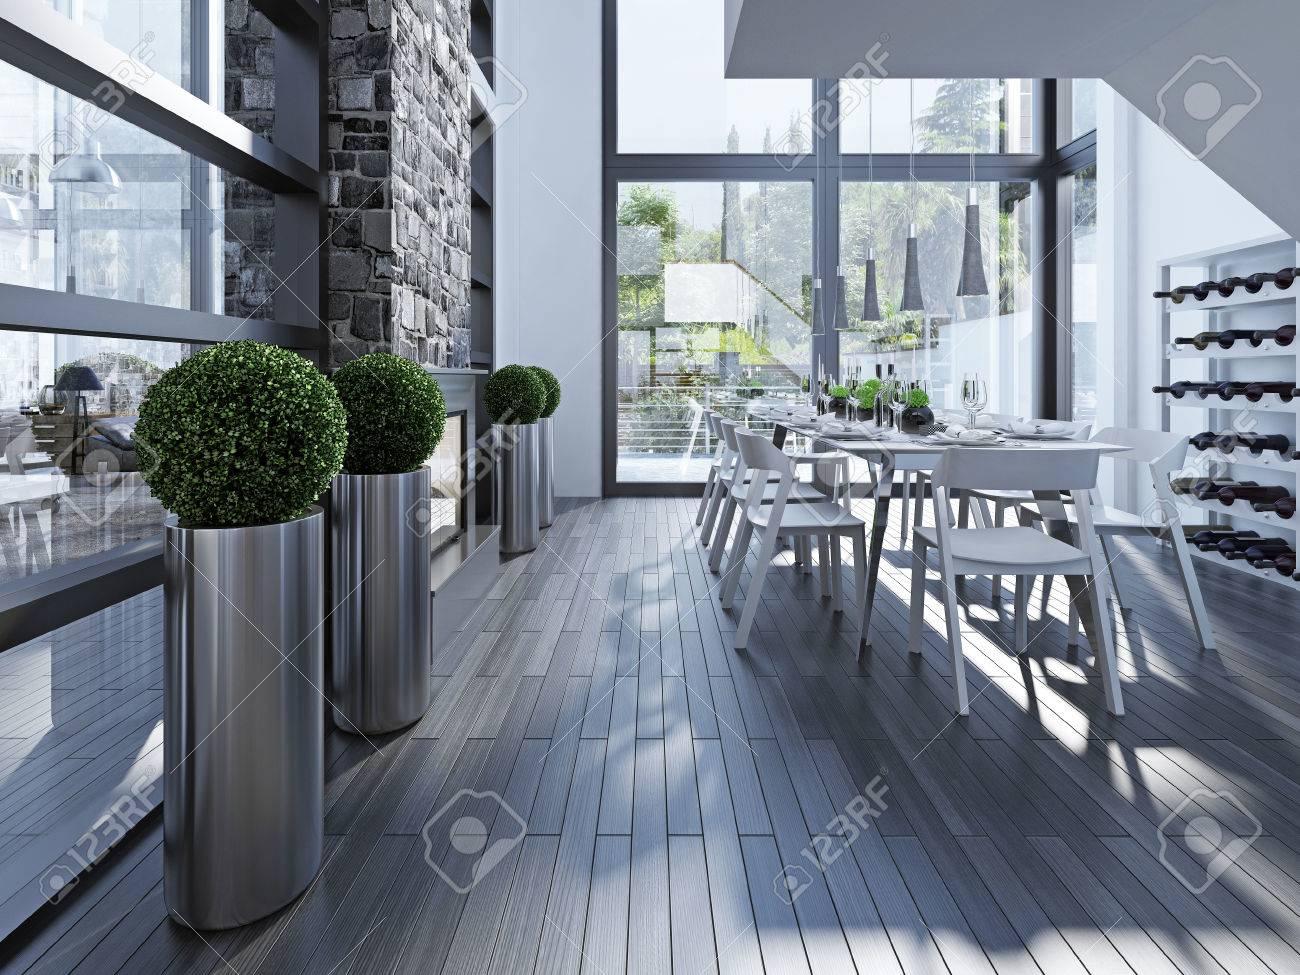 Moderne Esszimmer Mit Kamin. Weiße Möbel, Weiße Wände, Graue Böden Und  Dunklen Flecken